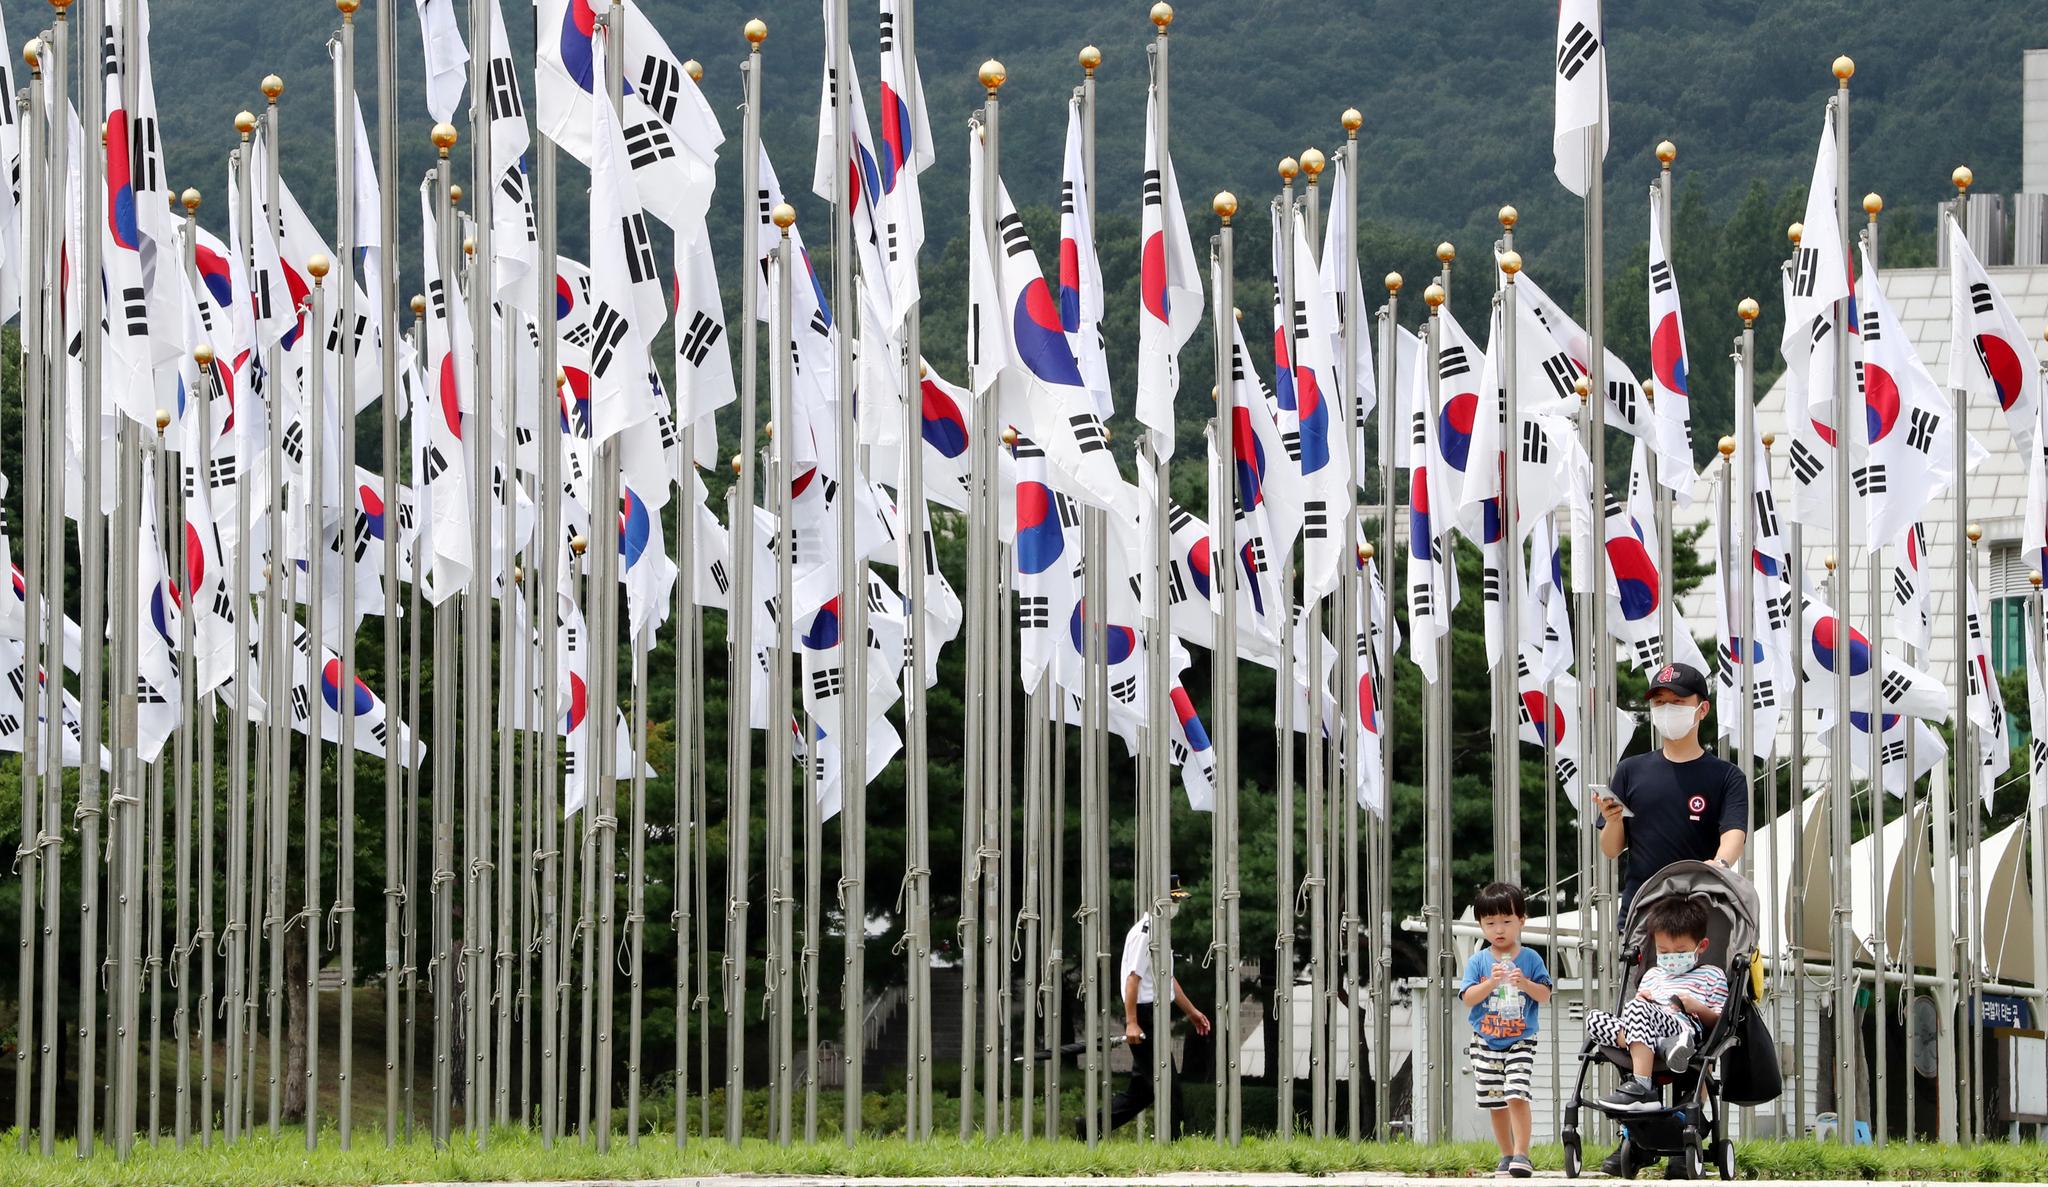 제75주년 광복절을 하루 앞둔 14일 오후 충남 천안 독립기념관을 찾은 관람객들이 태극기 마당에 게양된 태극기 사이로 걷고 있다. 뉴스1